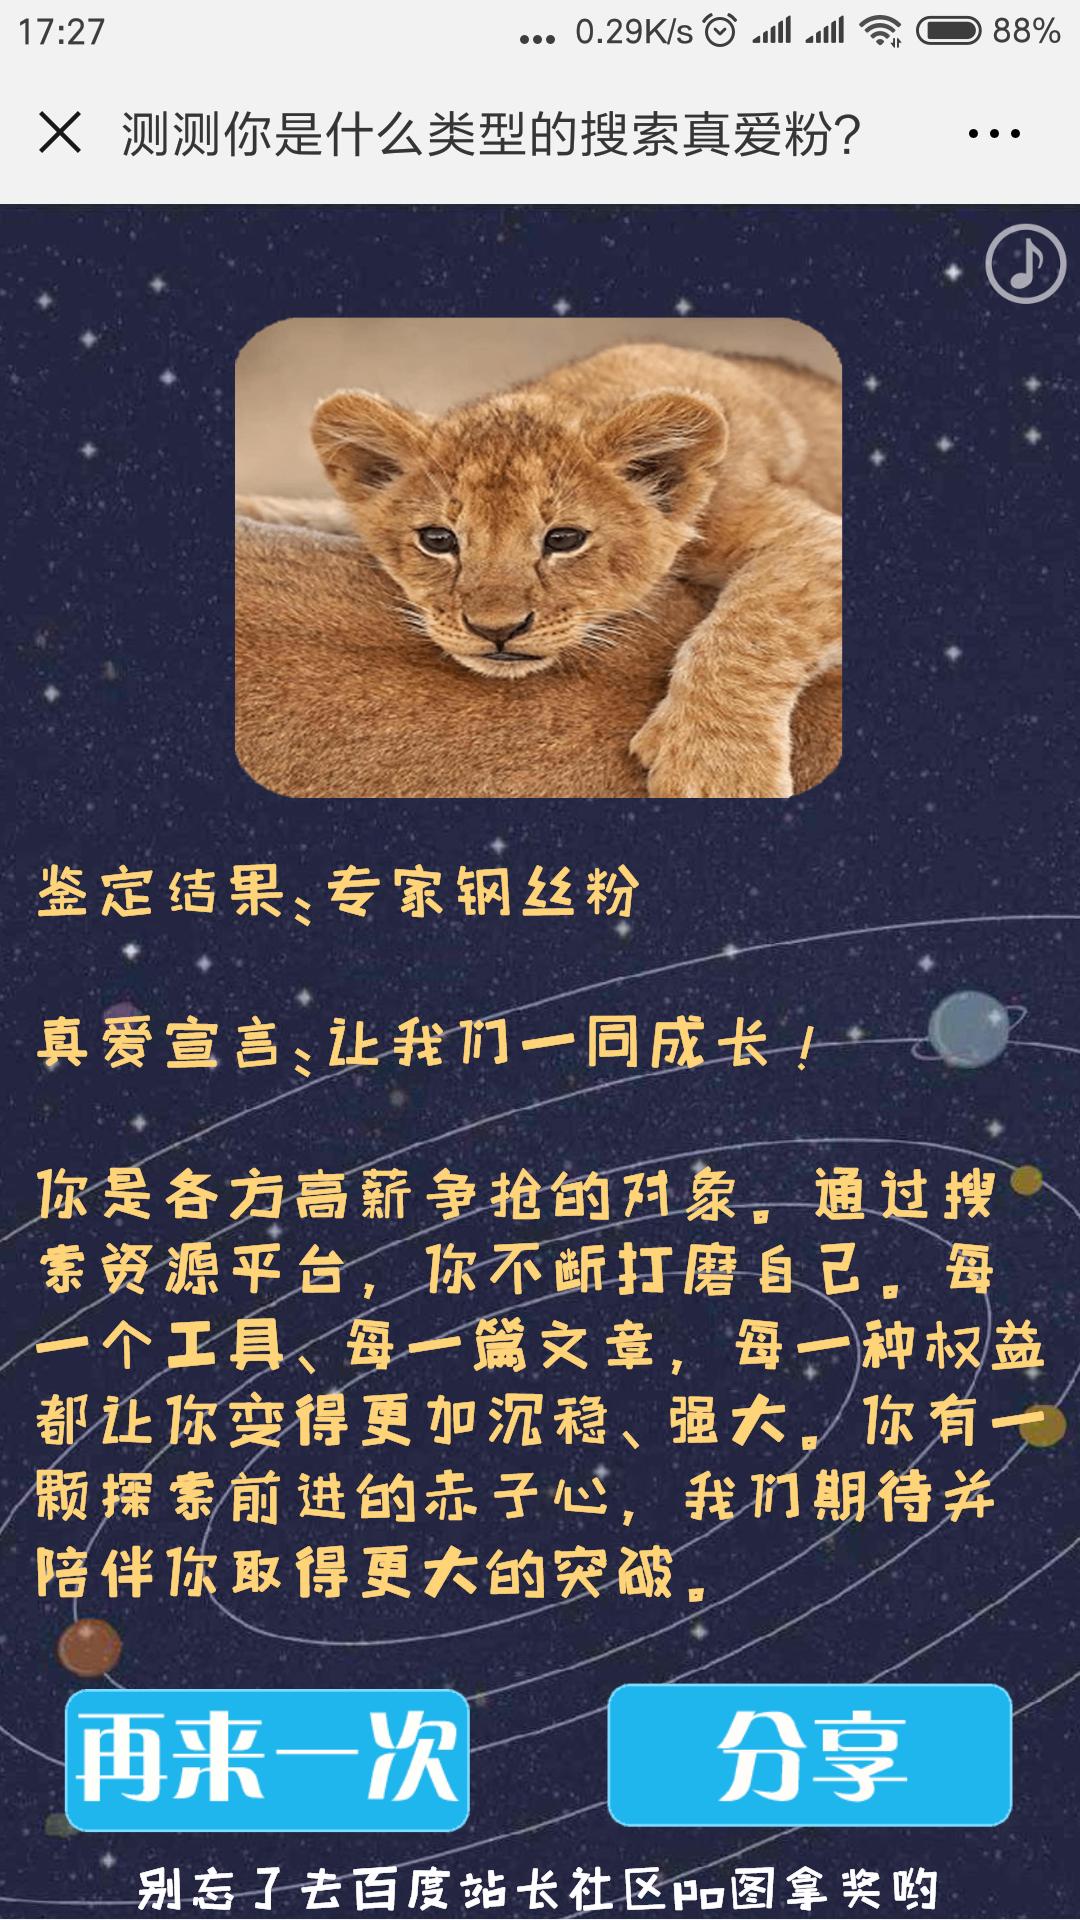 Screenshot_2018-11-27-17-27-19-034_com.tencent.mm.png